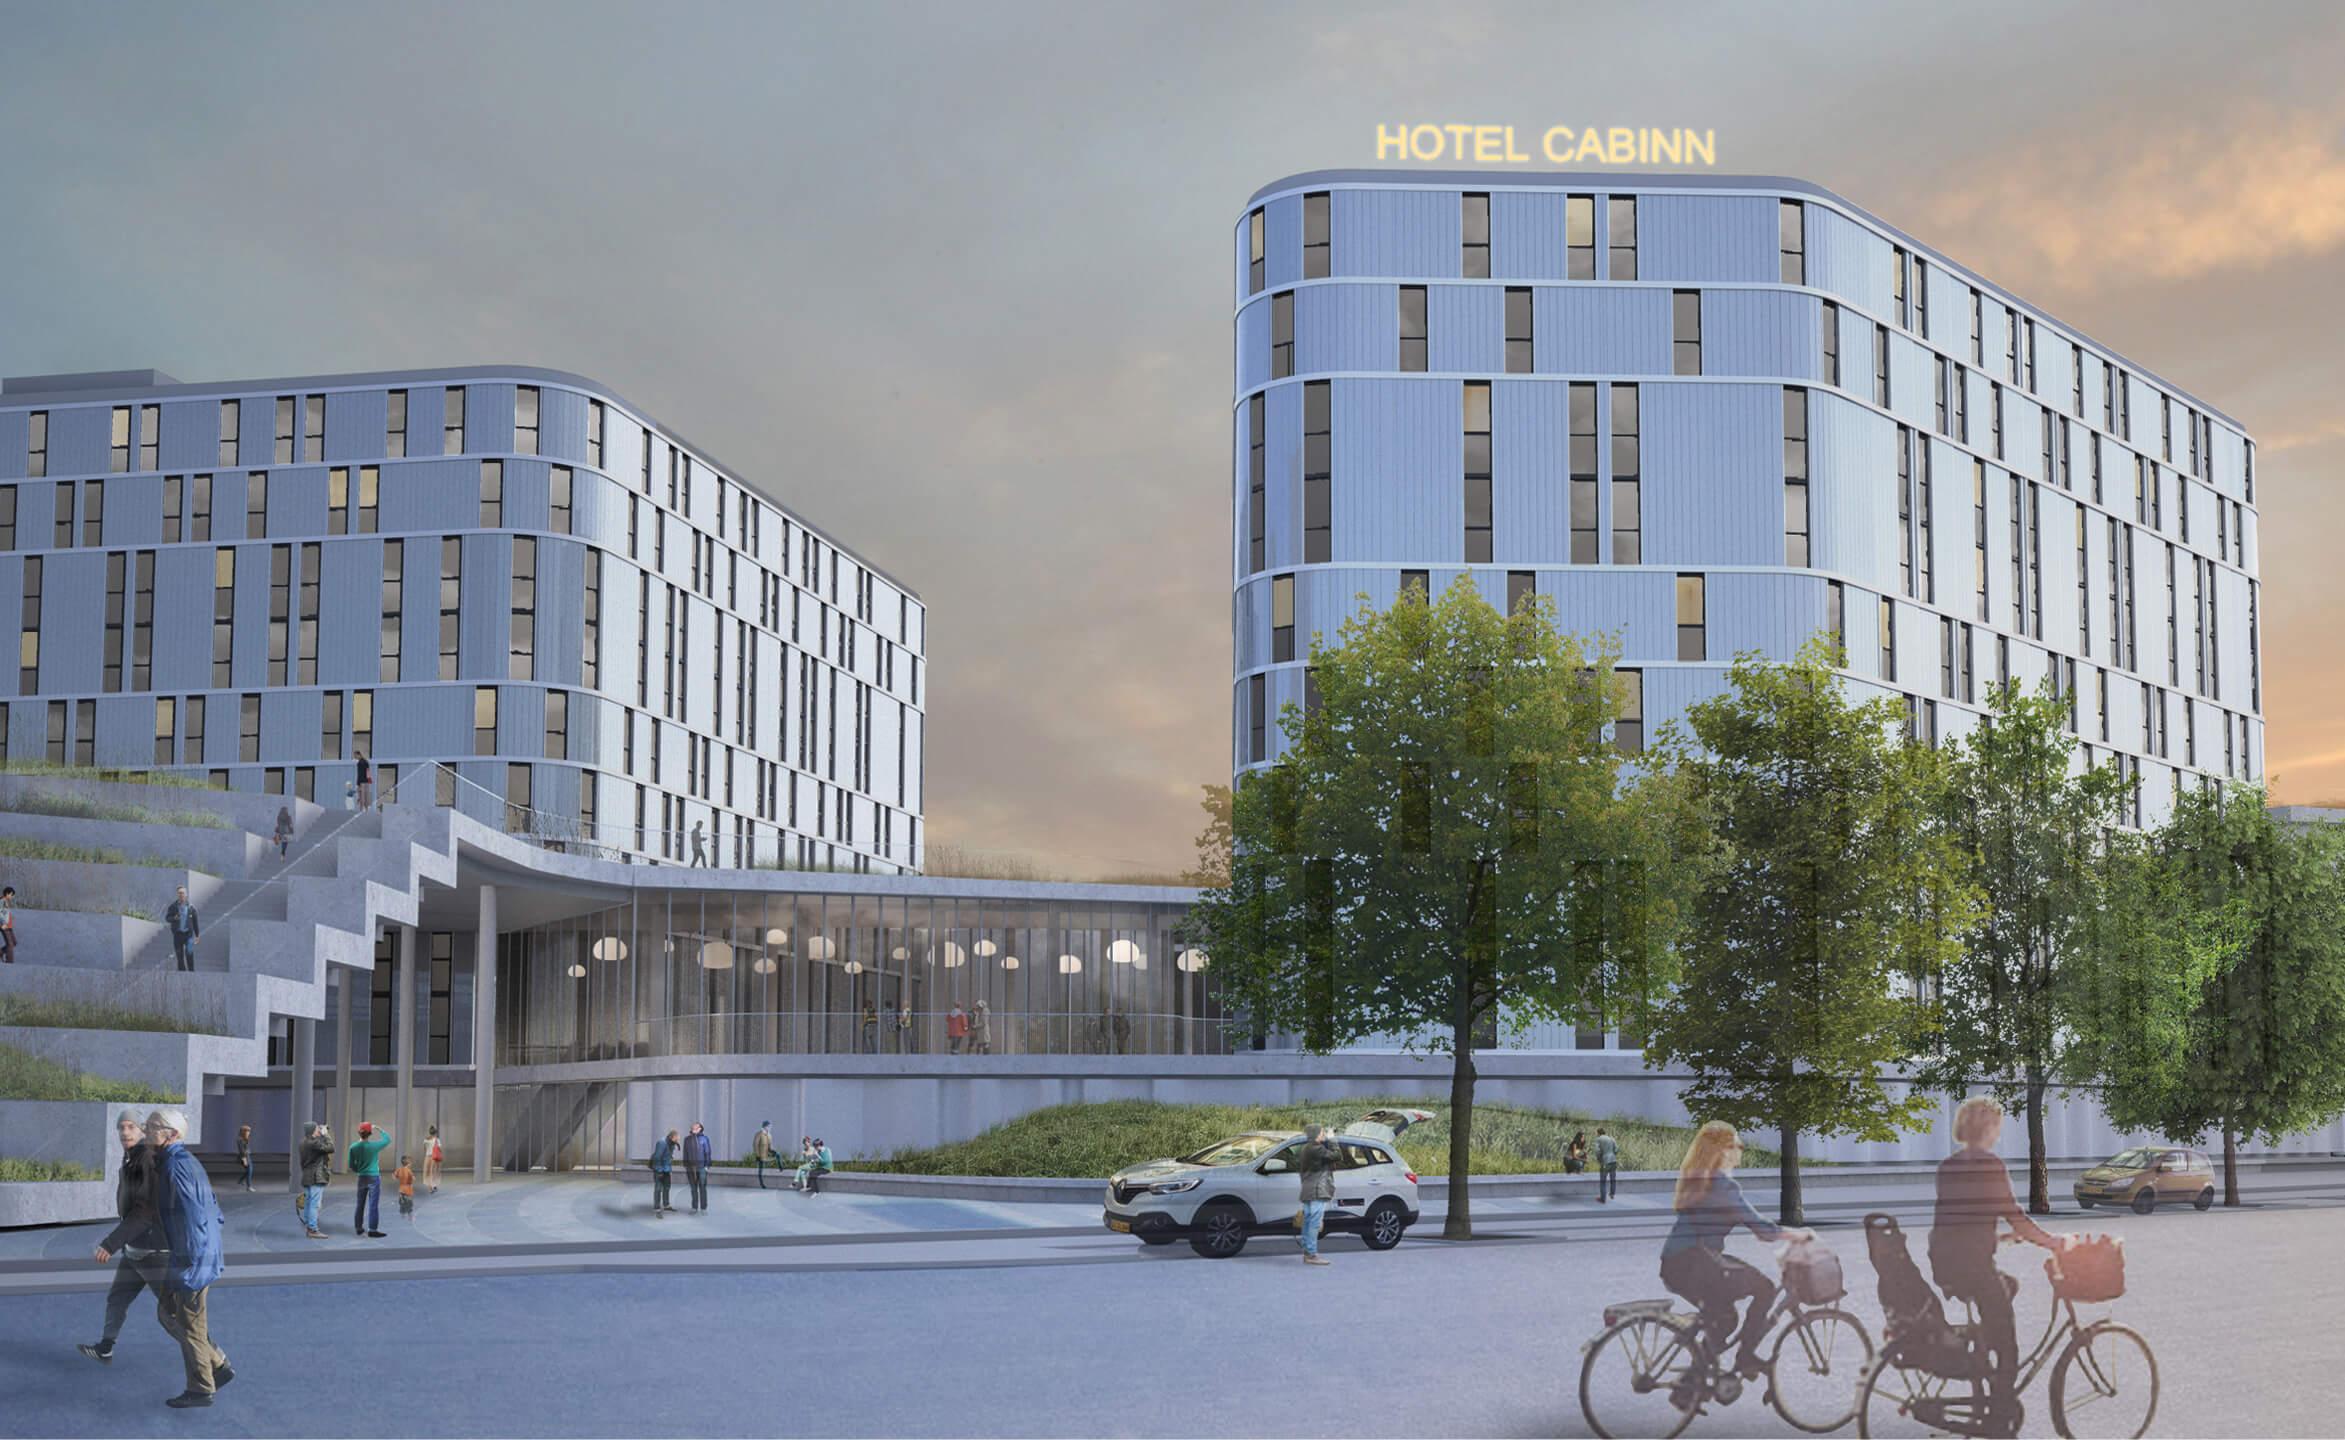 CabInn Copenhagen, der med alle værelser i brug bliver Danmarks største hotel, ligger i et grønt område tæt på blandt andet Københavns Havn. Illustration fra CabInn.